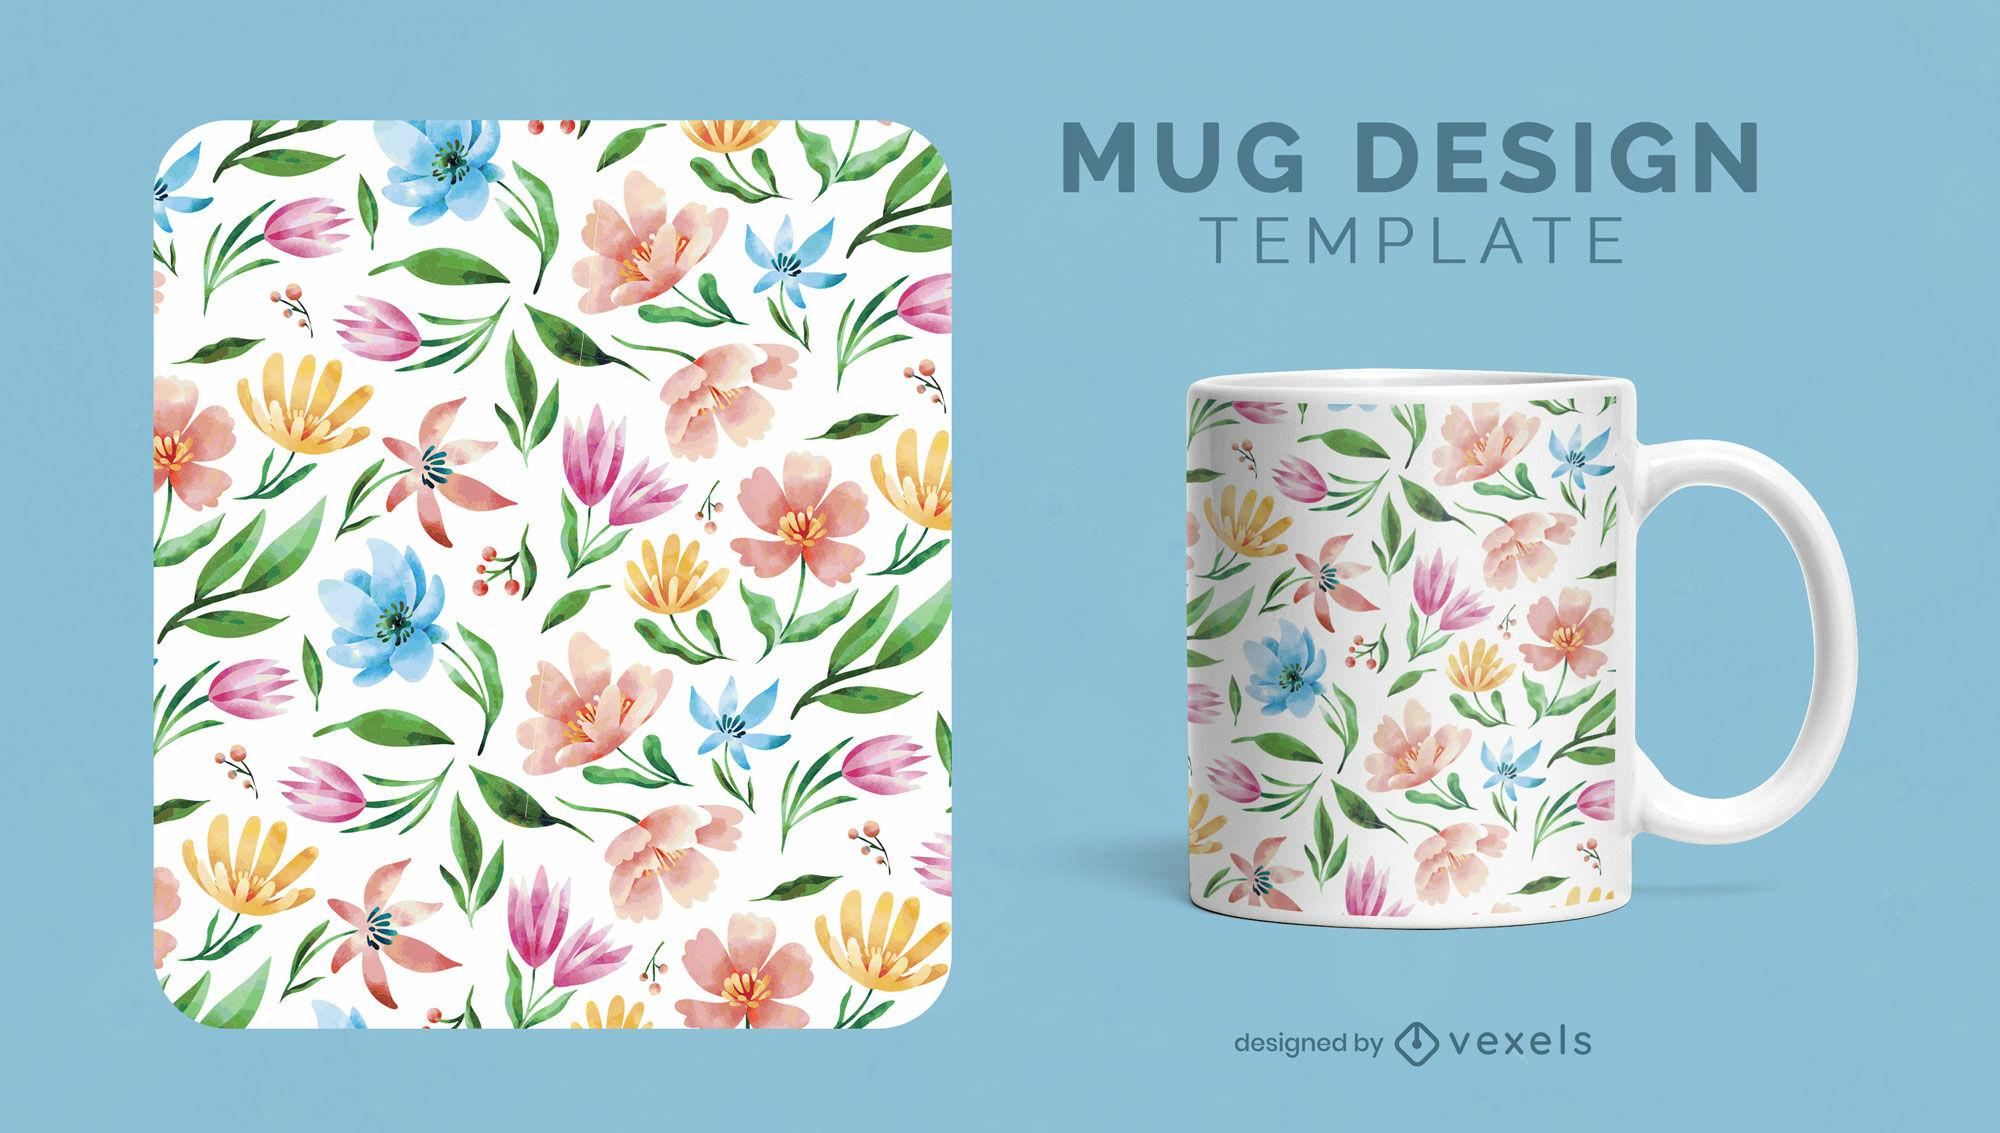 Diseño de taza de acuarela de flores y plantas.